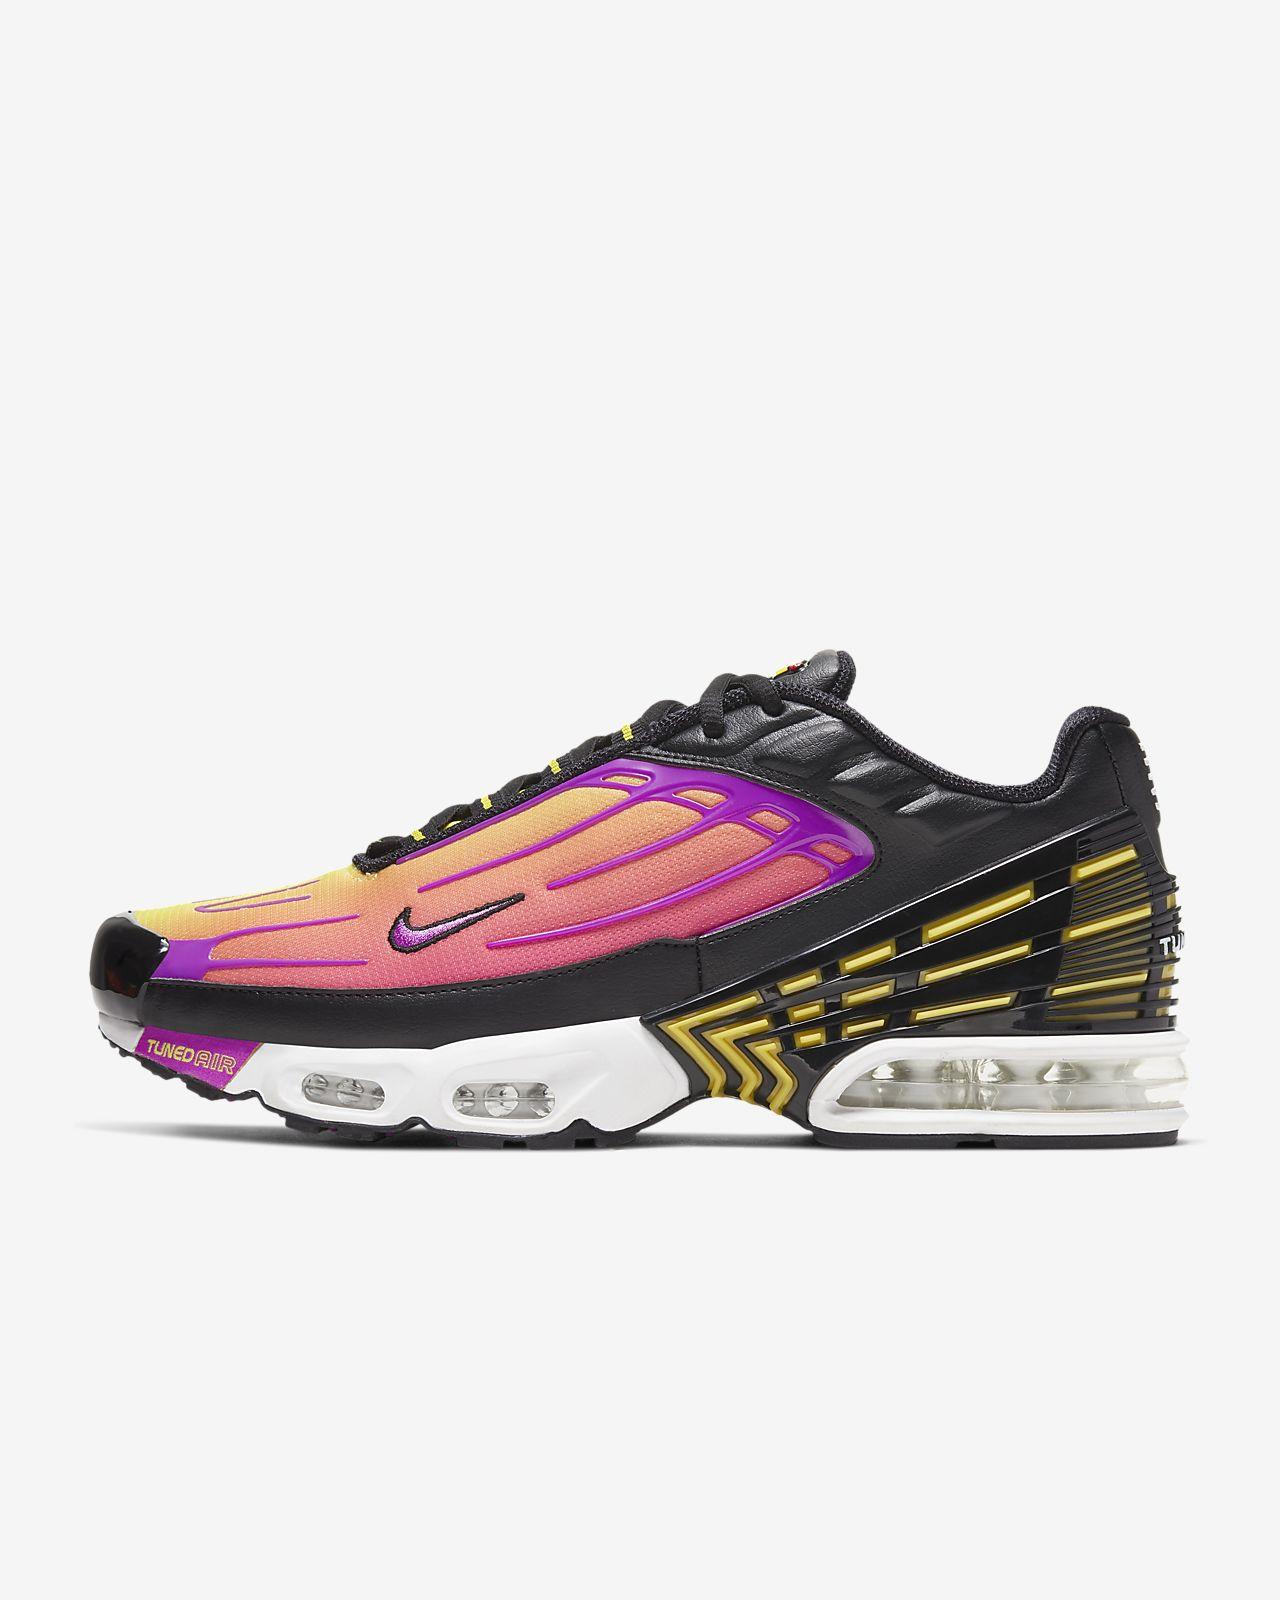 Melhores presentes Nike Air Max Plus Homem Sapatilhas de